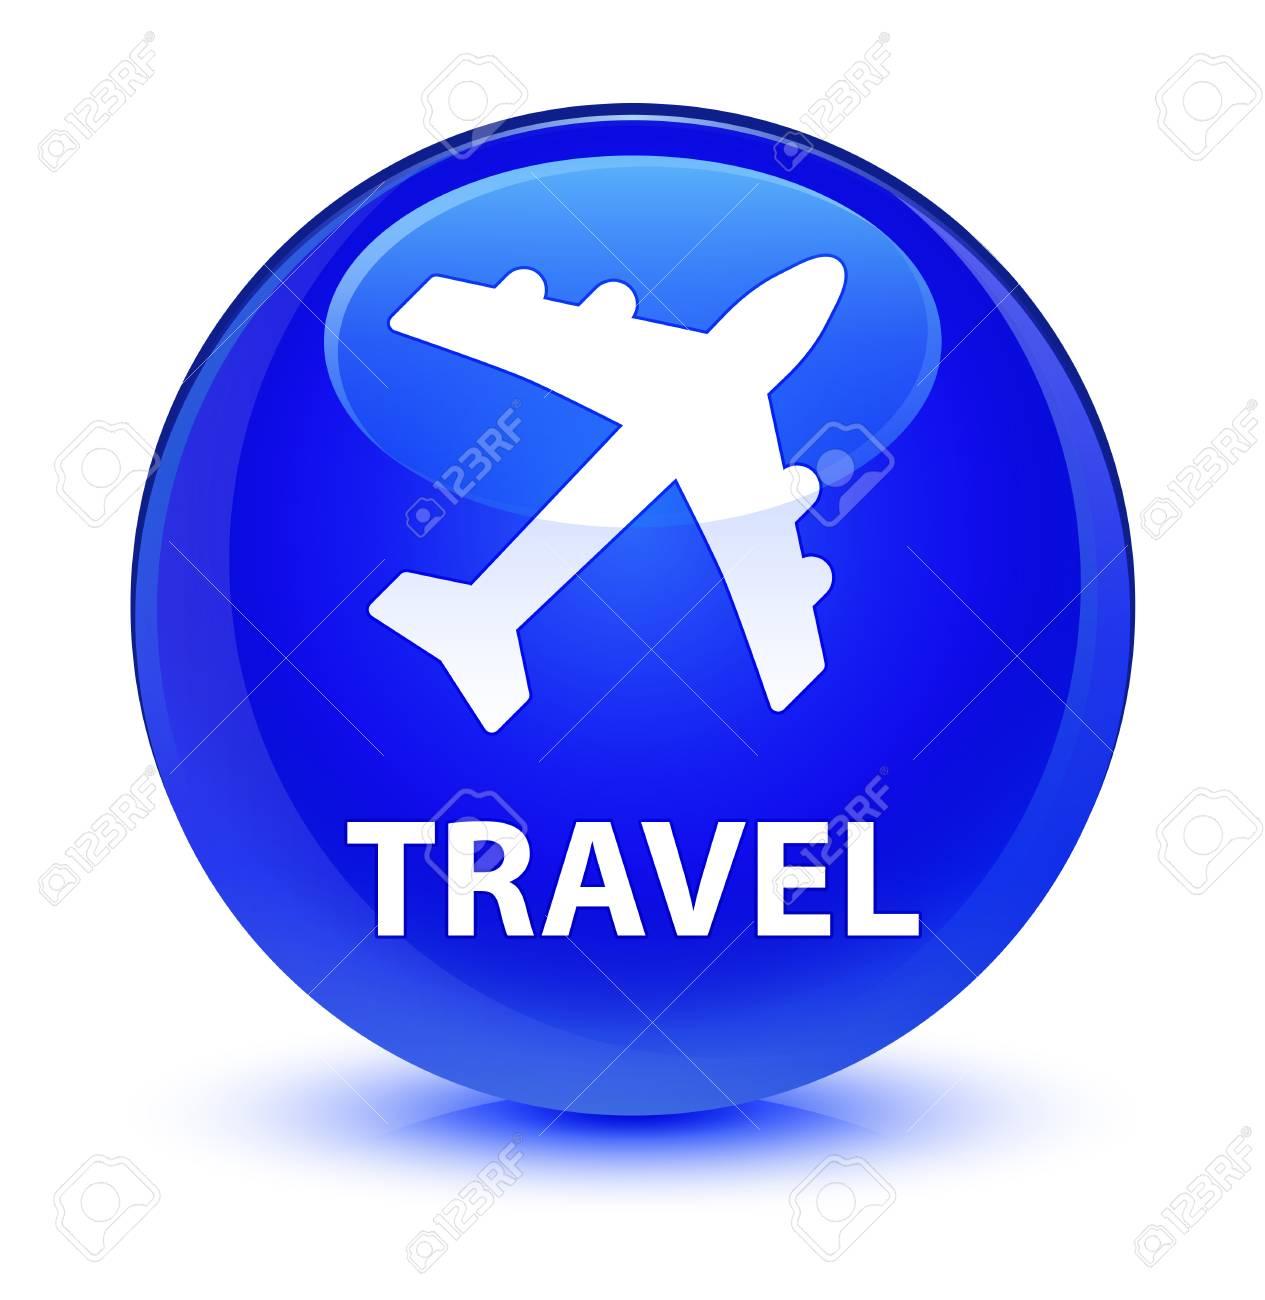 Reizen Vliegtuig Icoon Geïsoleerd Op Glasachtige Blauwe Ronde Knop